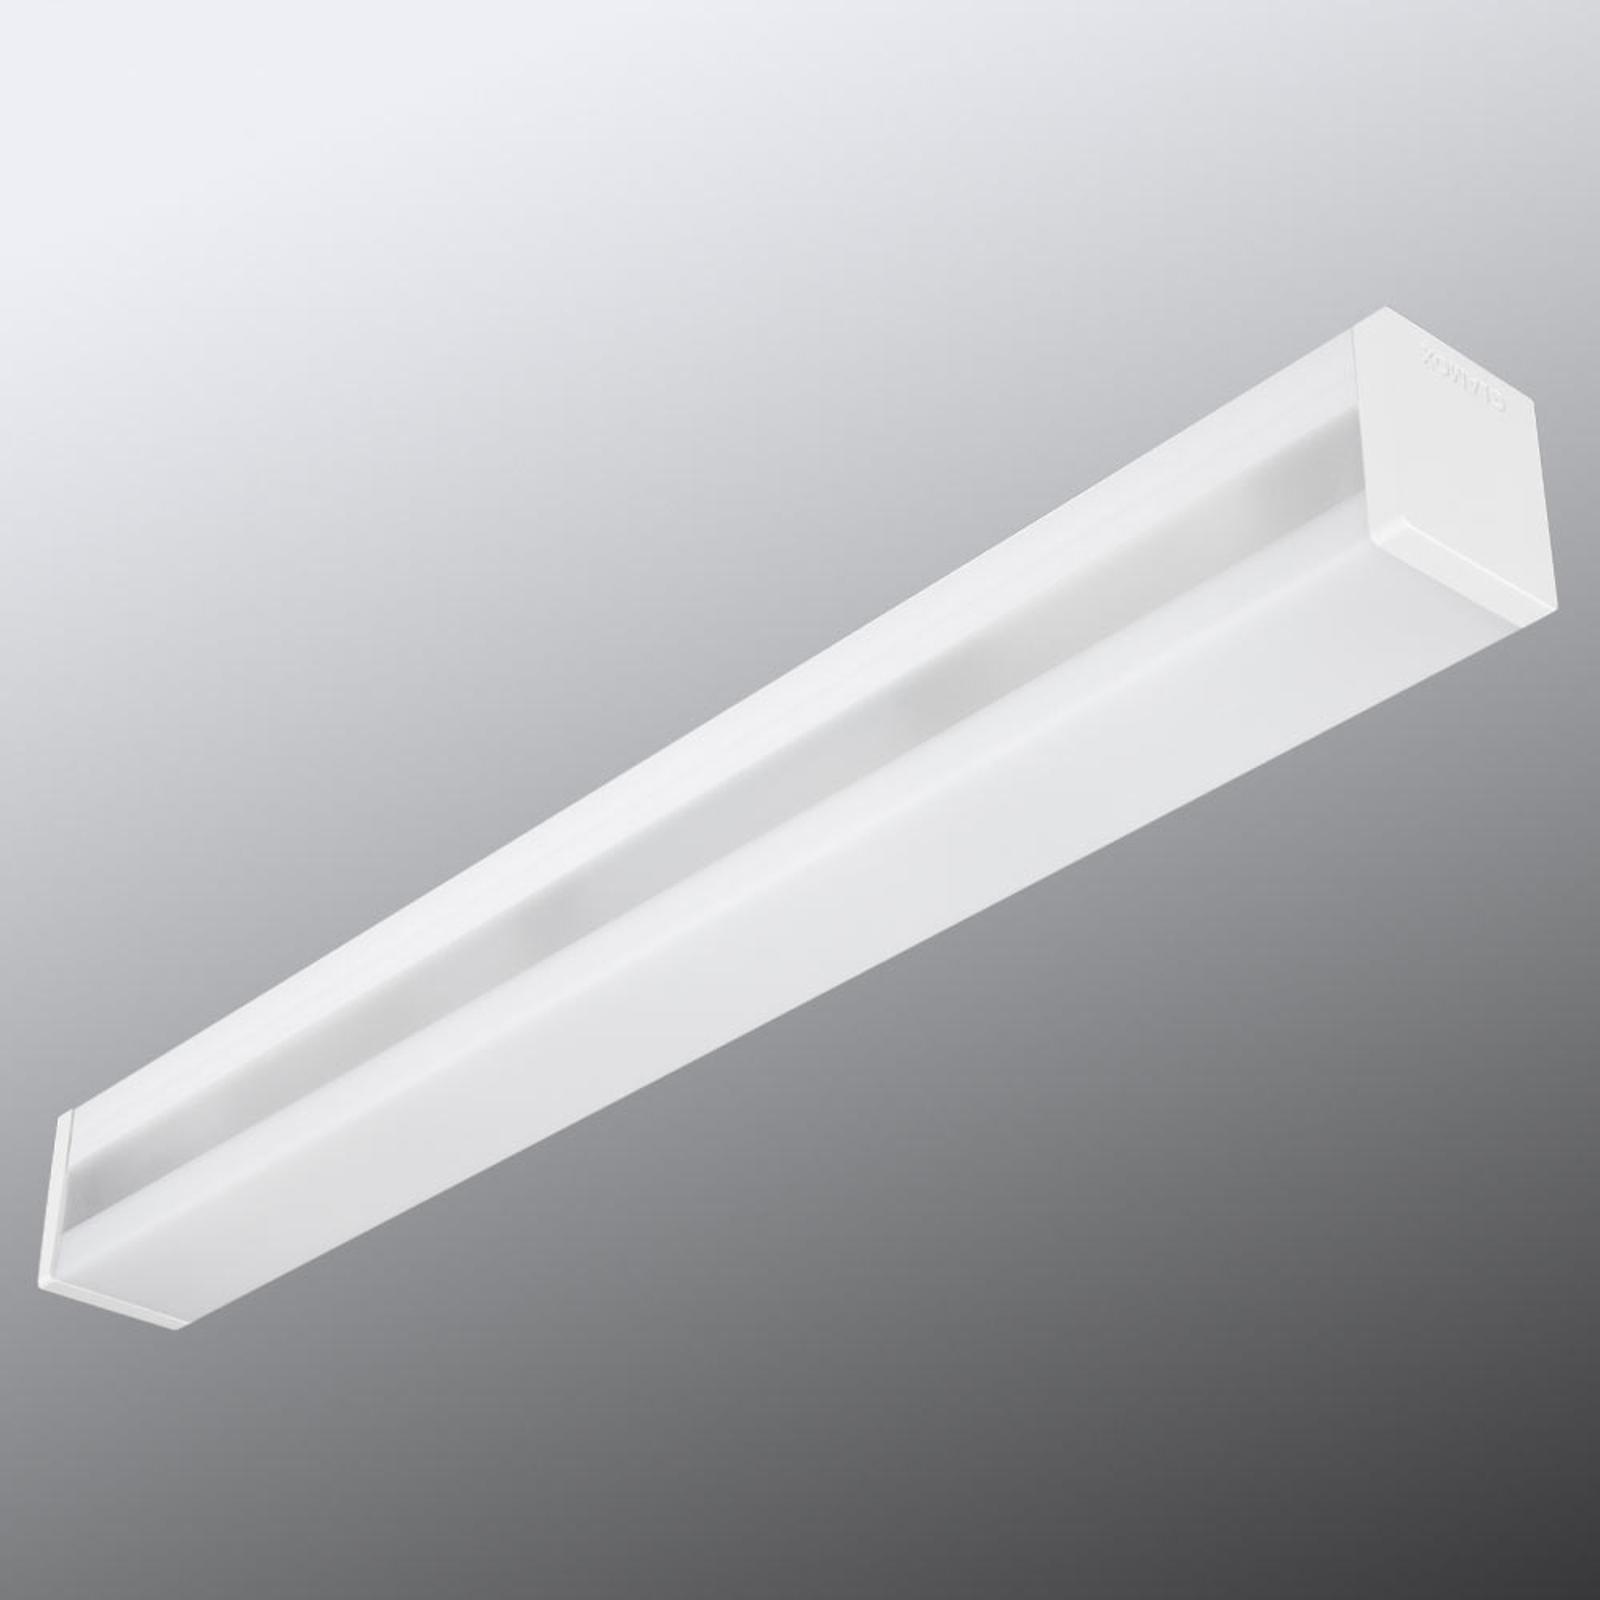 Applique pour miroir LED A40-W600 1400HF 840 60 cm